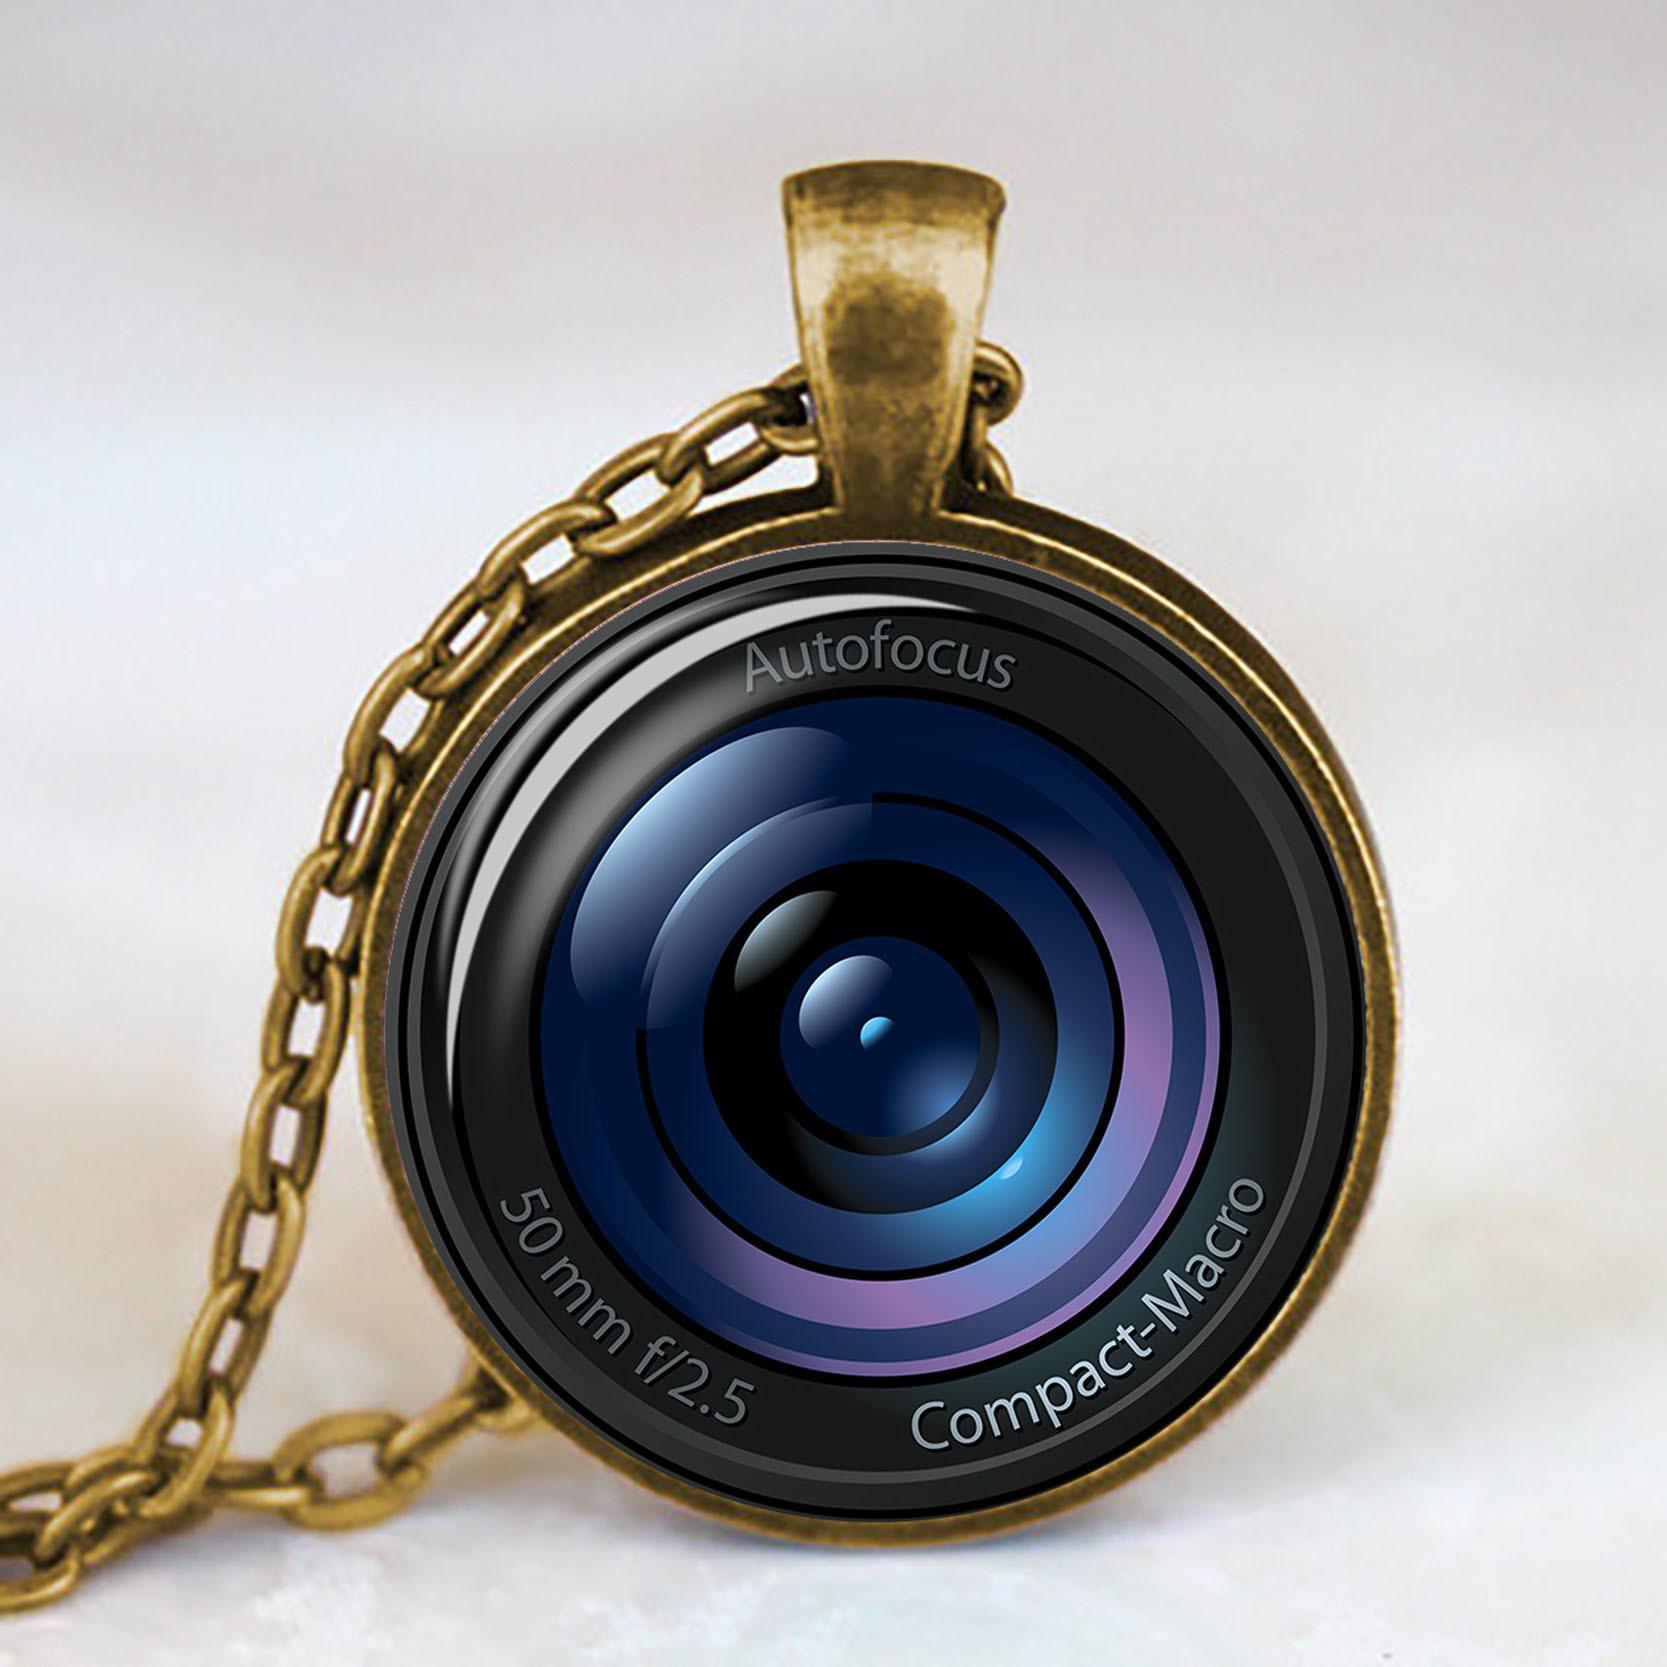 카메라 렌즈 유리 펜던트 목걸이 사진 선물 카메라 펜던트 사진 선물 유리 카보 숑 초커 목걸이 보석